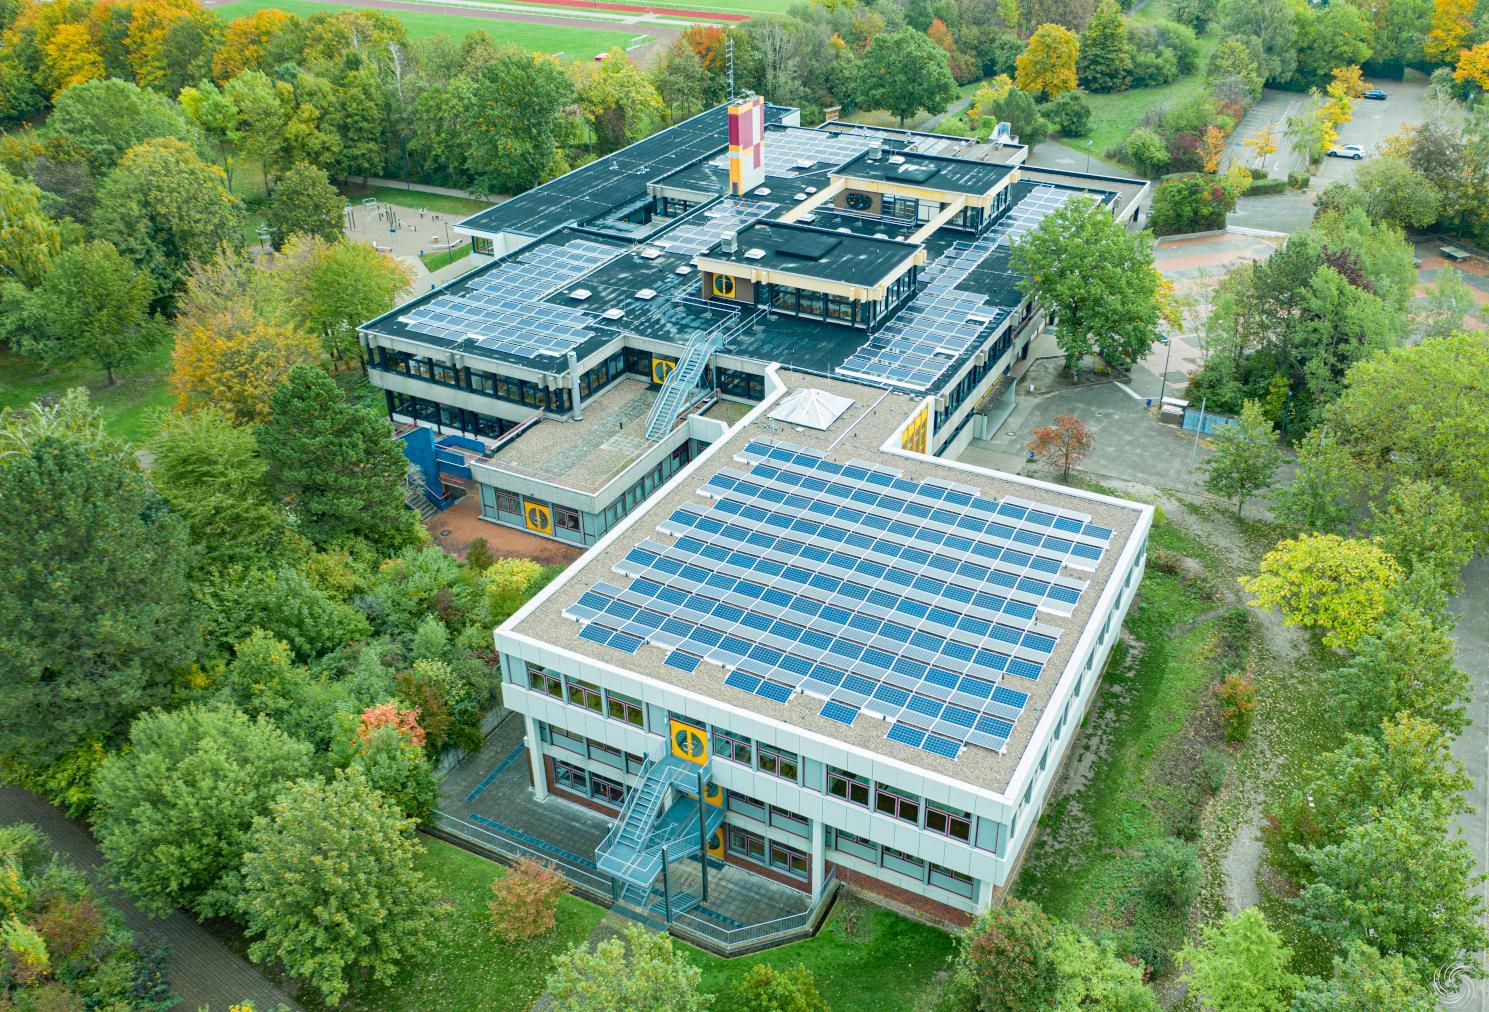 Bürger-Solaranlage Gymnasium Bad Nenndorf